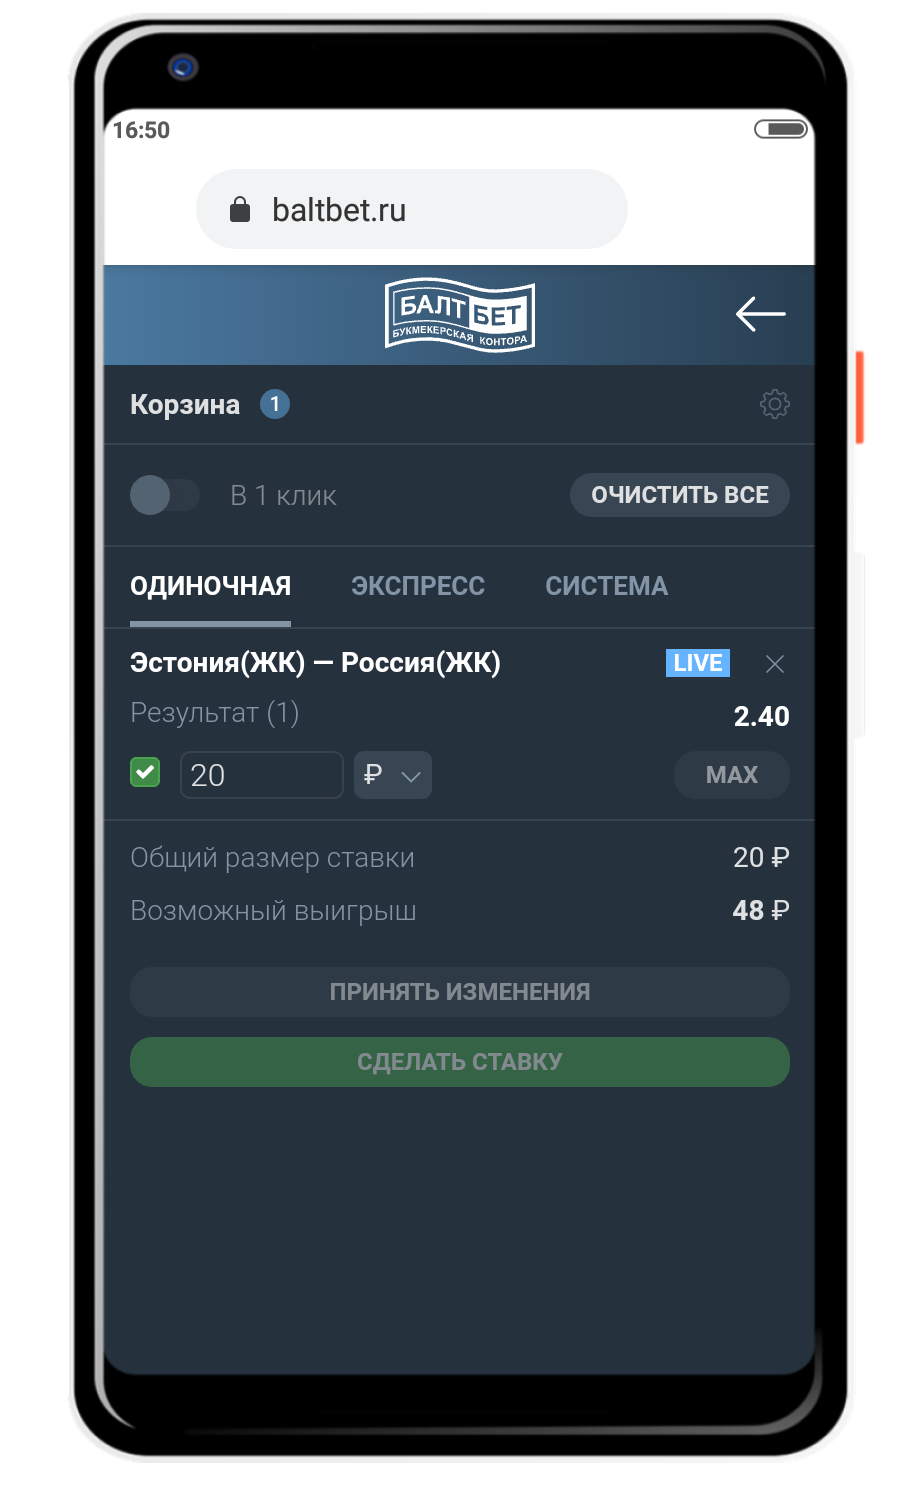 купон мобильной версии baltbet ru